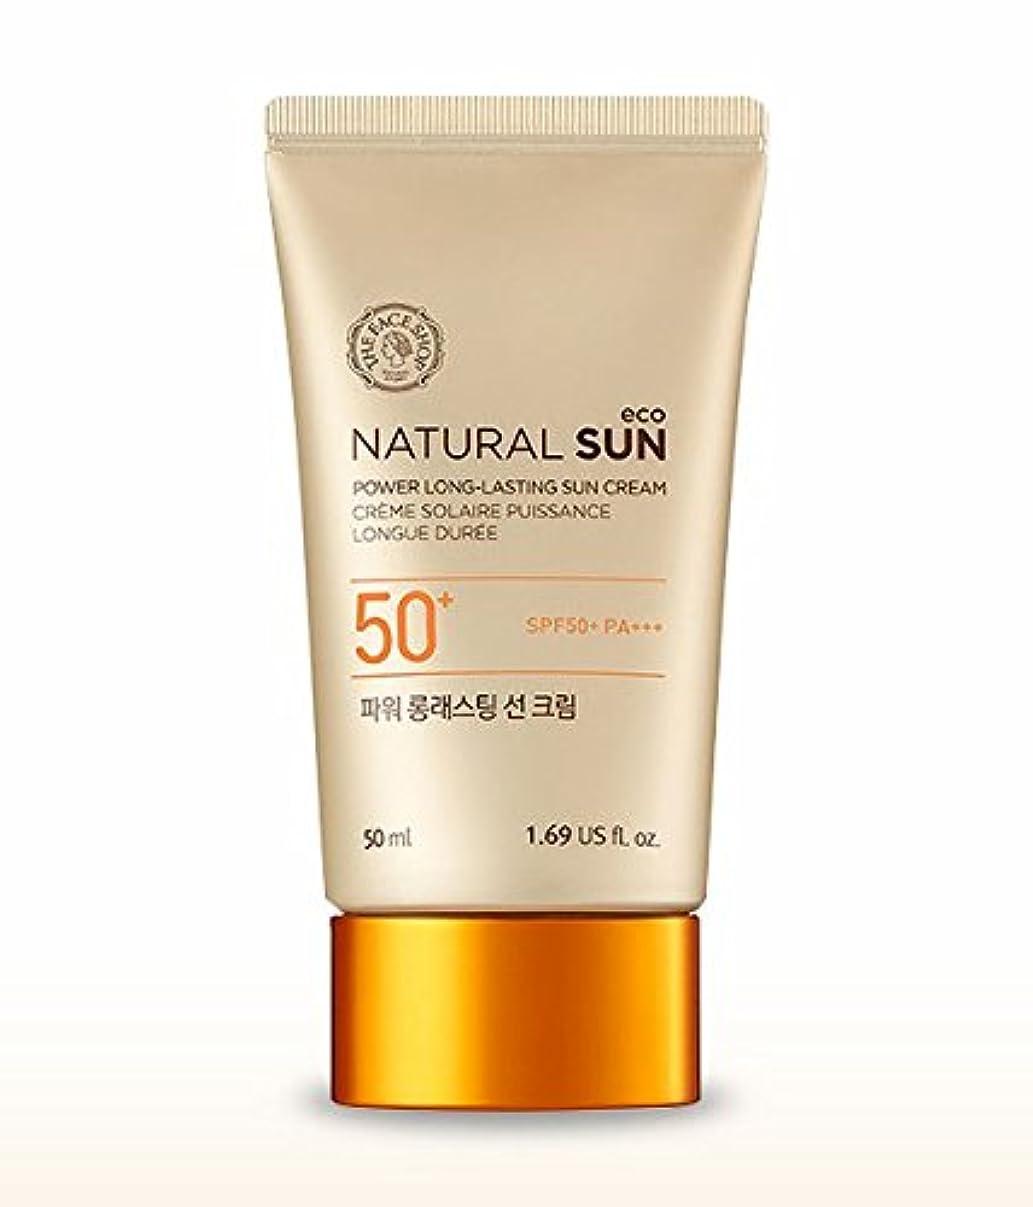 増強する固体ただTHE FACE SHOP Natural Sun Eco Power Long Lasting Sun Cream 50mlザフェイスショップ ナチュラルサンパワーロングラスティングサンクリーム [並行輸入品]